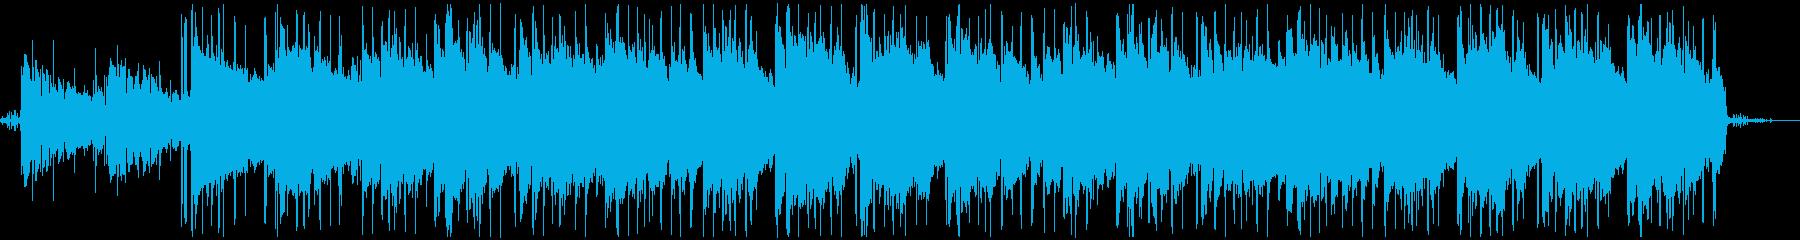 透明感のあるLoFi/Chillhopの再生済みの波形